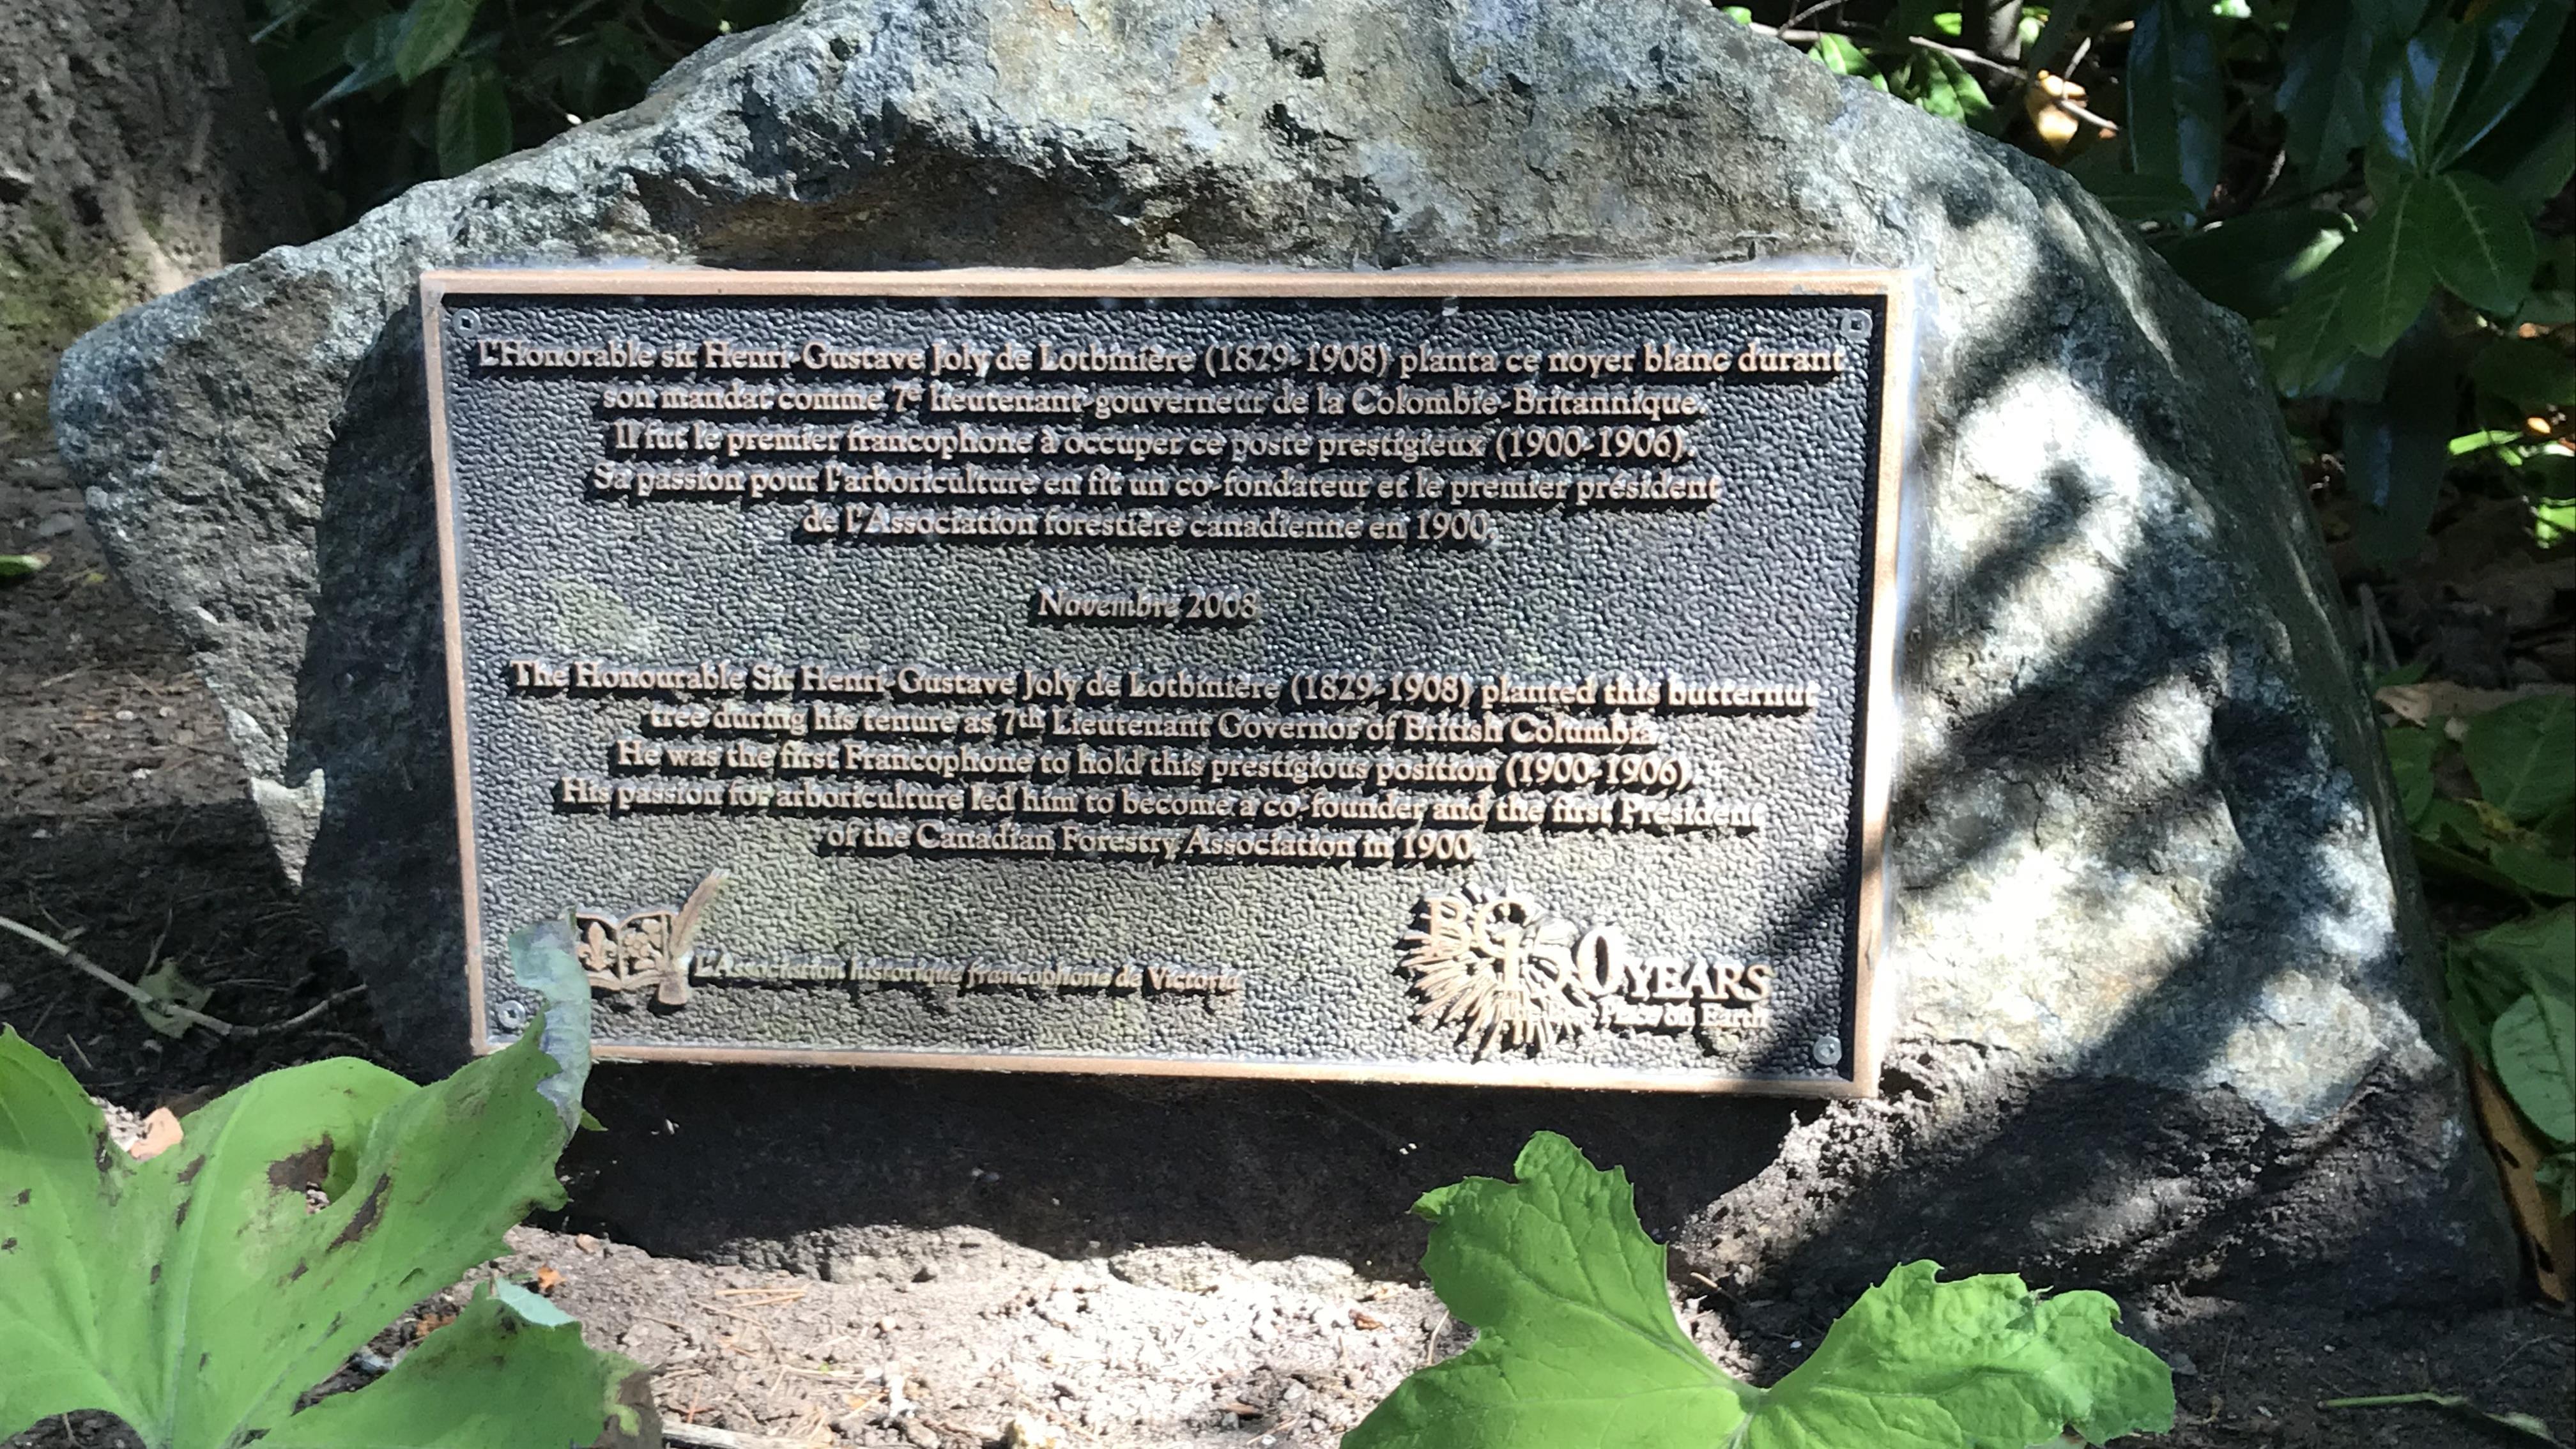 Plaque commémorative contenant un message en mémoire de sir Henri-Gustave Joly de Lotbinière installée sur une pierre.